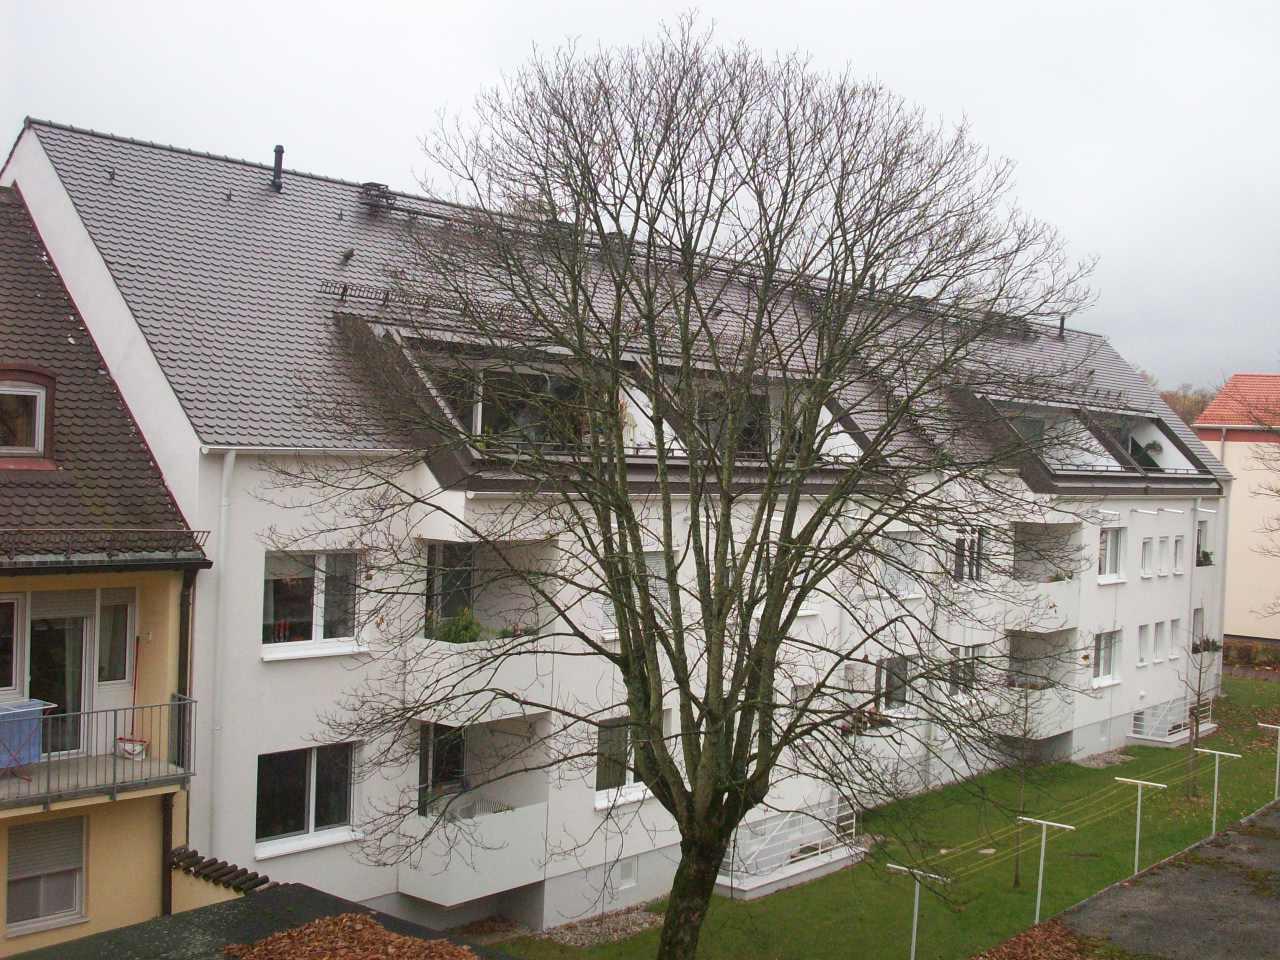 Neubau, Umbau und Sanierung in der Umgebung von München 15